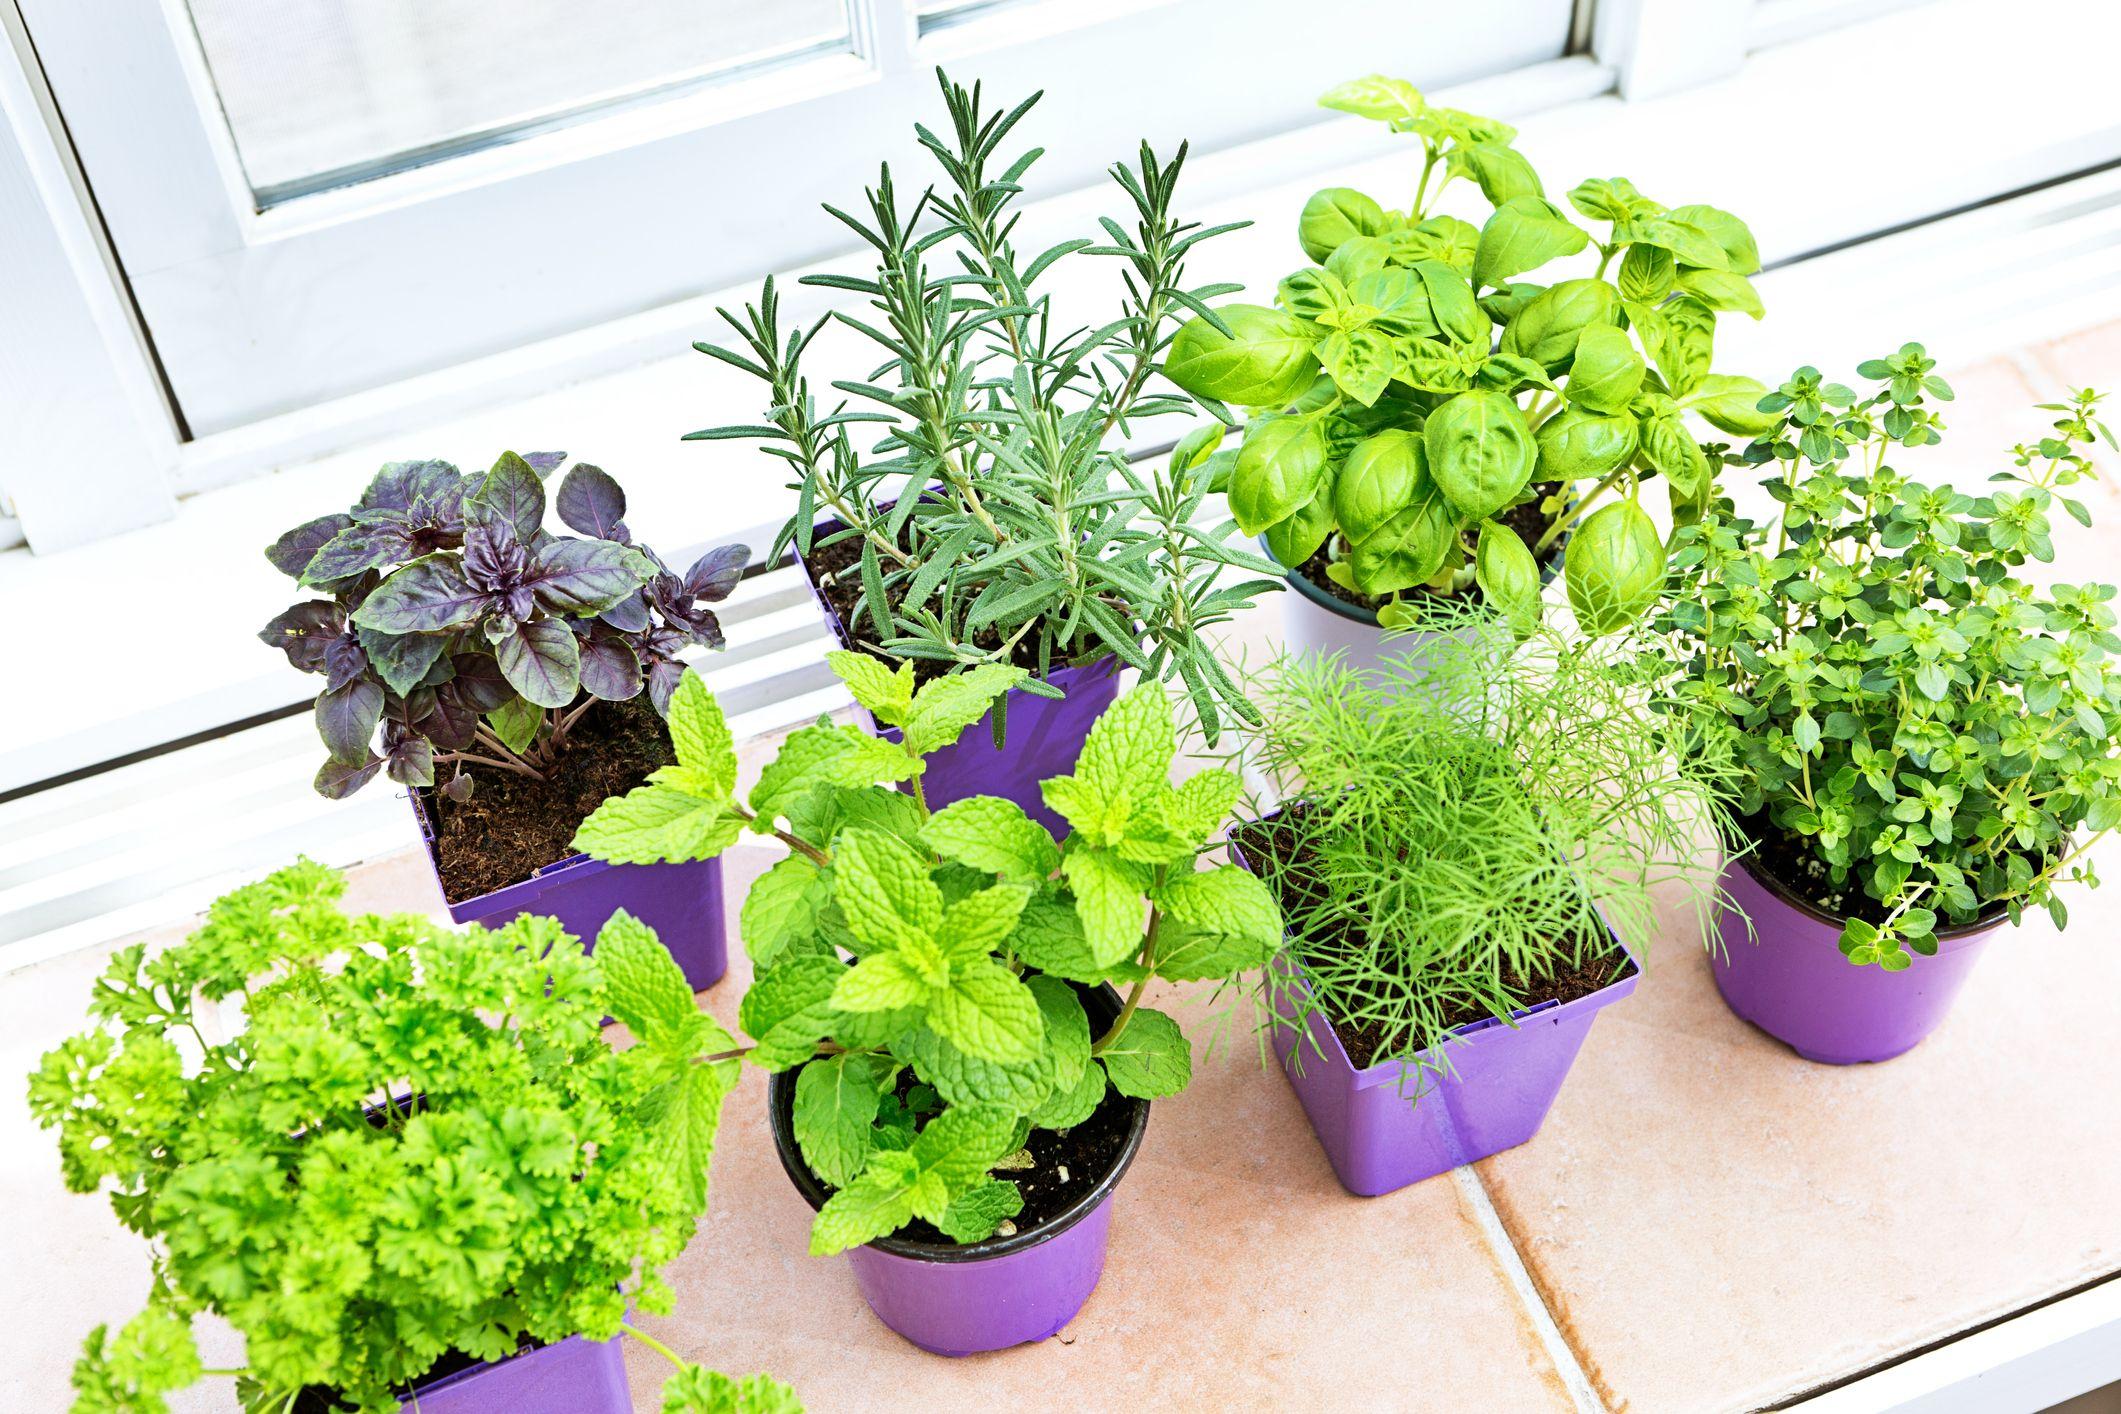 Growing an indoor herb garden this winter | Hy-Pro Fertilizers